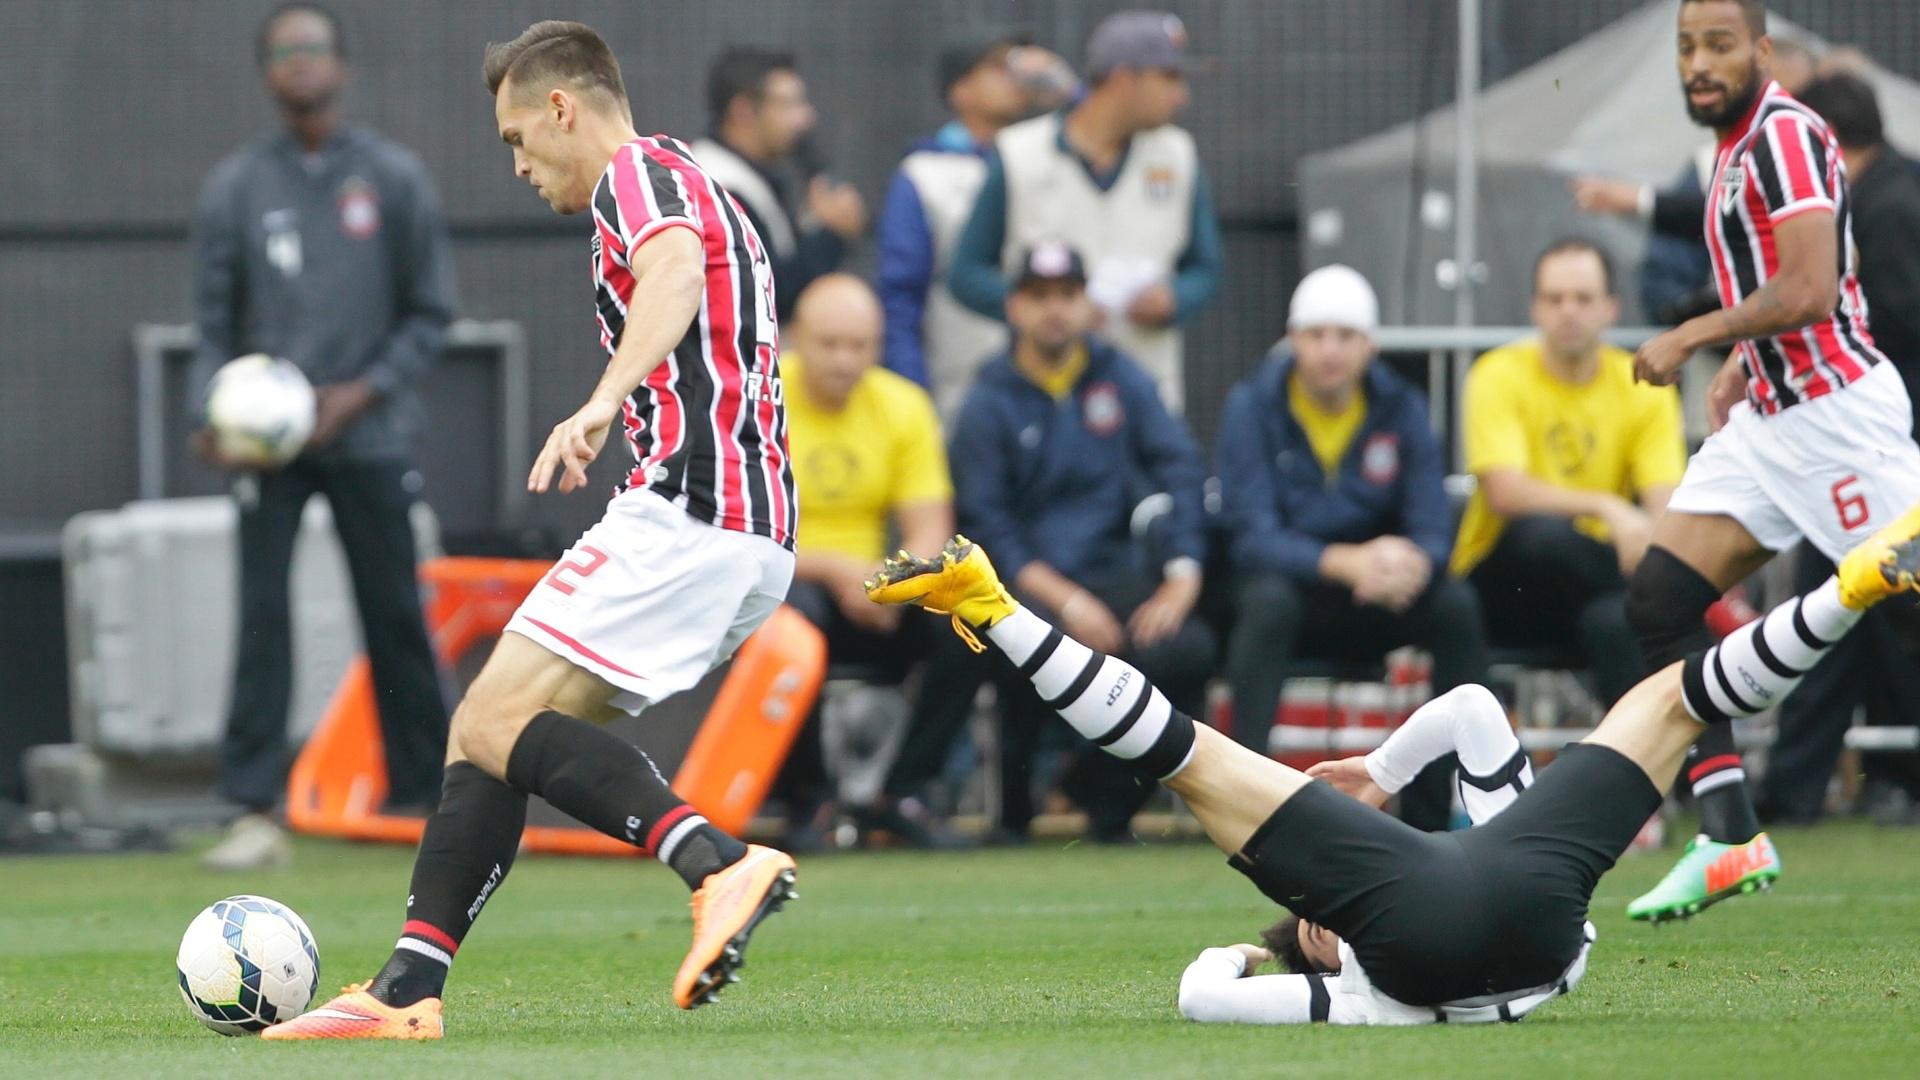 O são-paulino Rafael Tolói se envolve em forte disputa de bola no clássico contra o Corinthians no Itaquerão. O rival fica jogado no chão